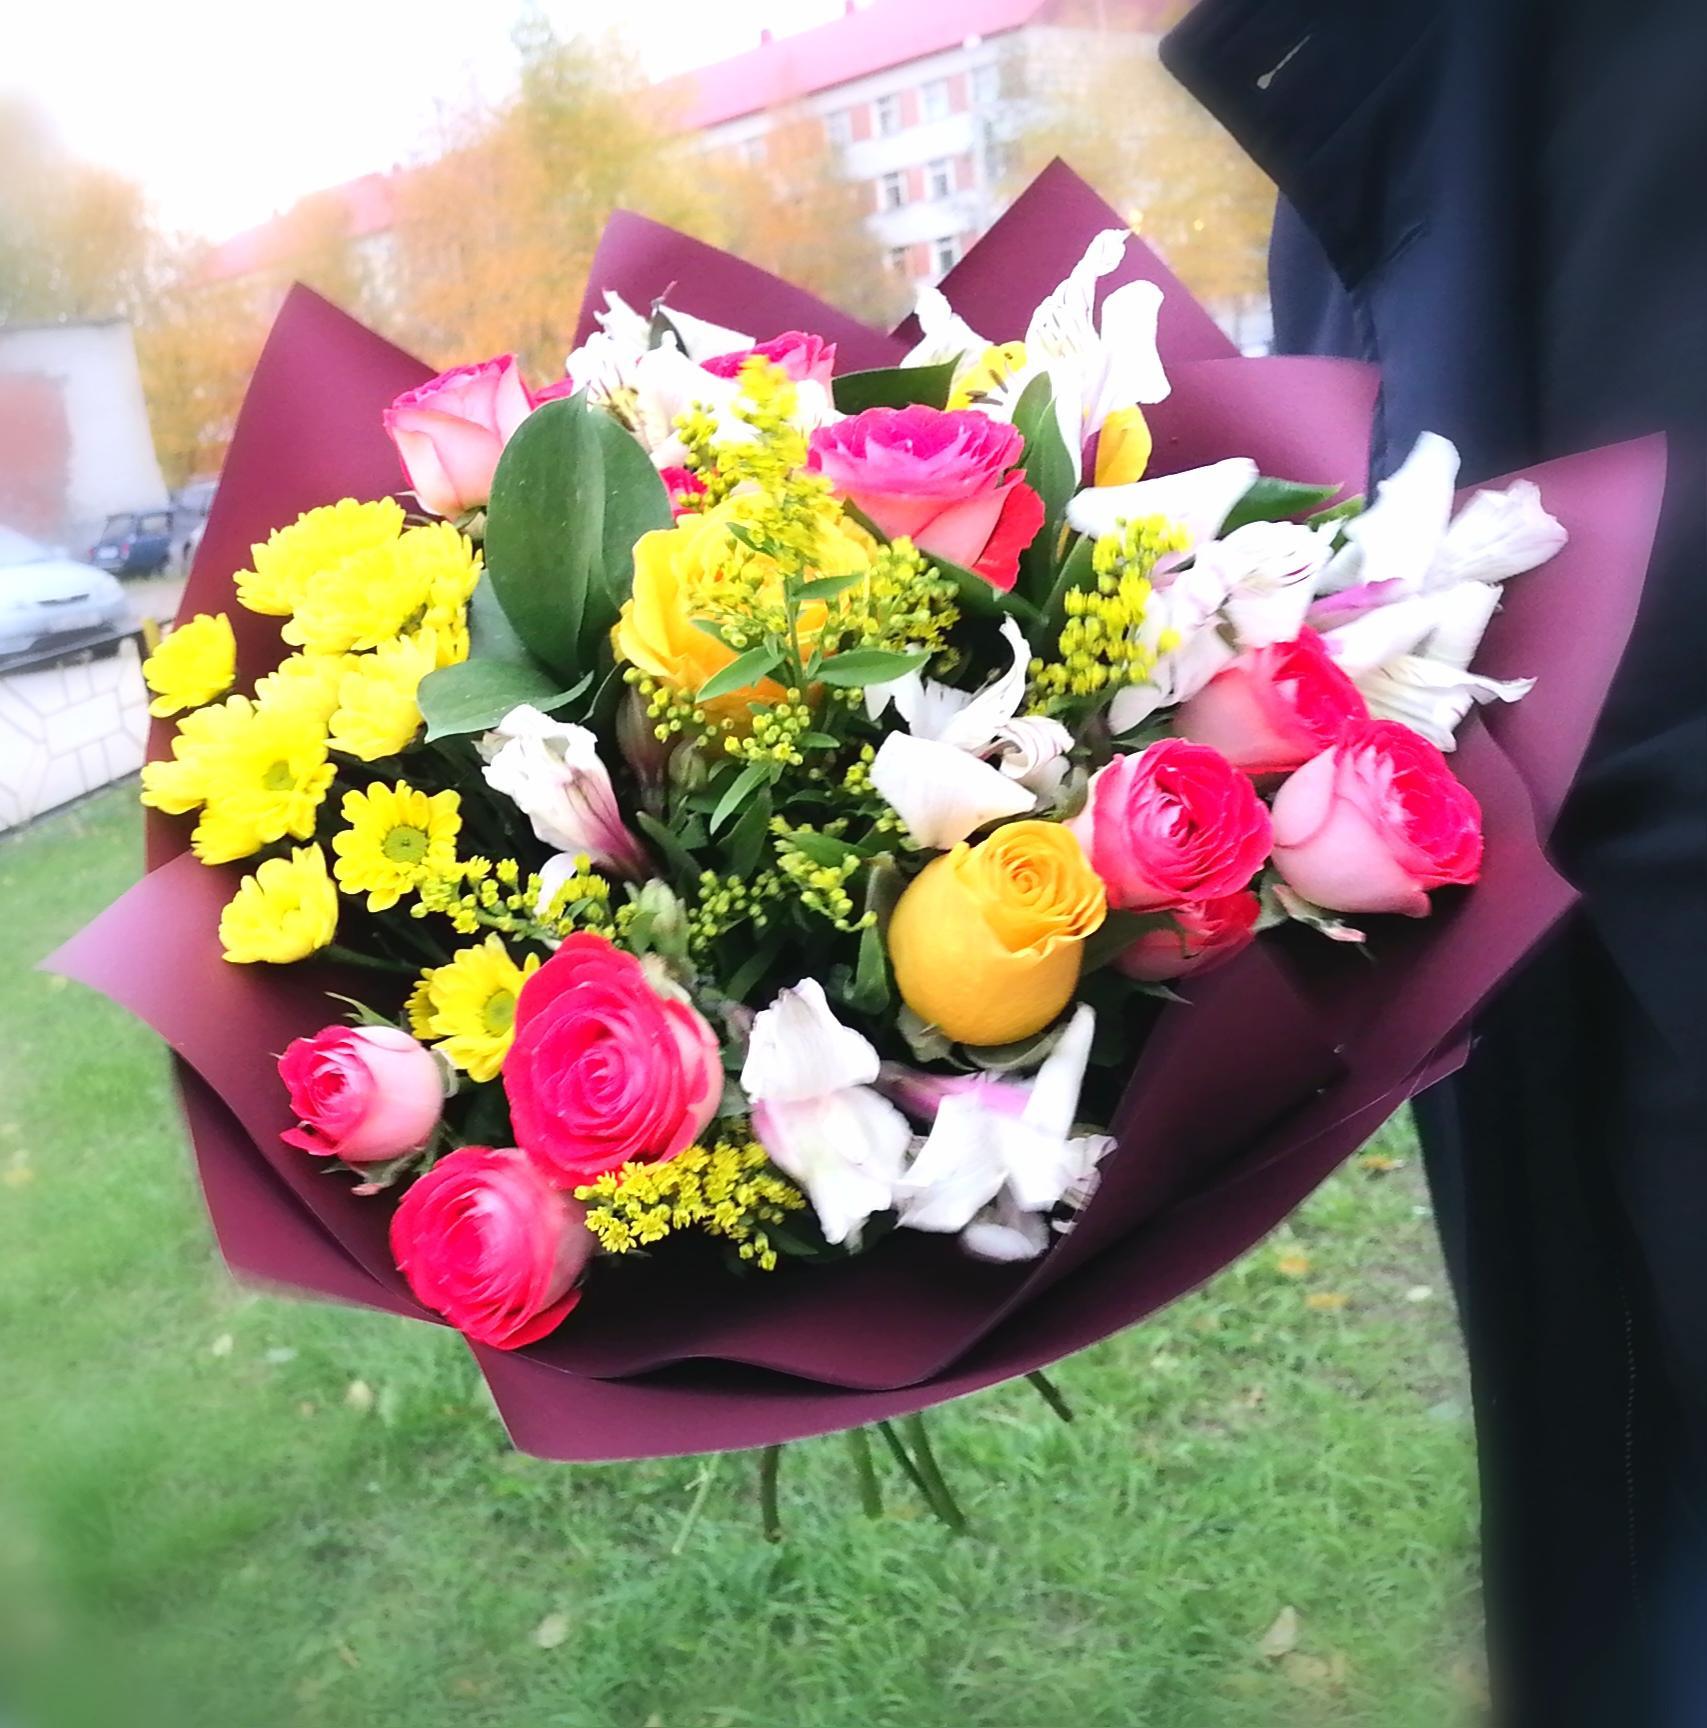 Купить цветы в нижневартовске цены, харькову искусственные цветы